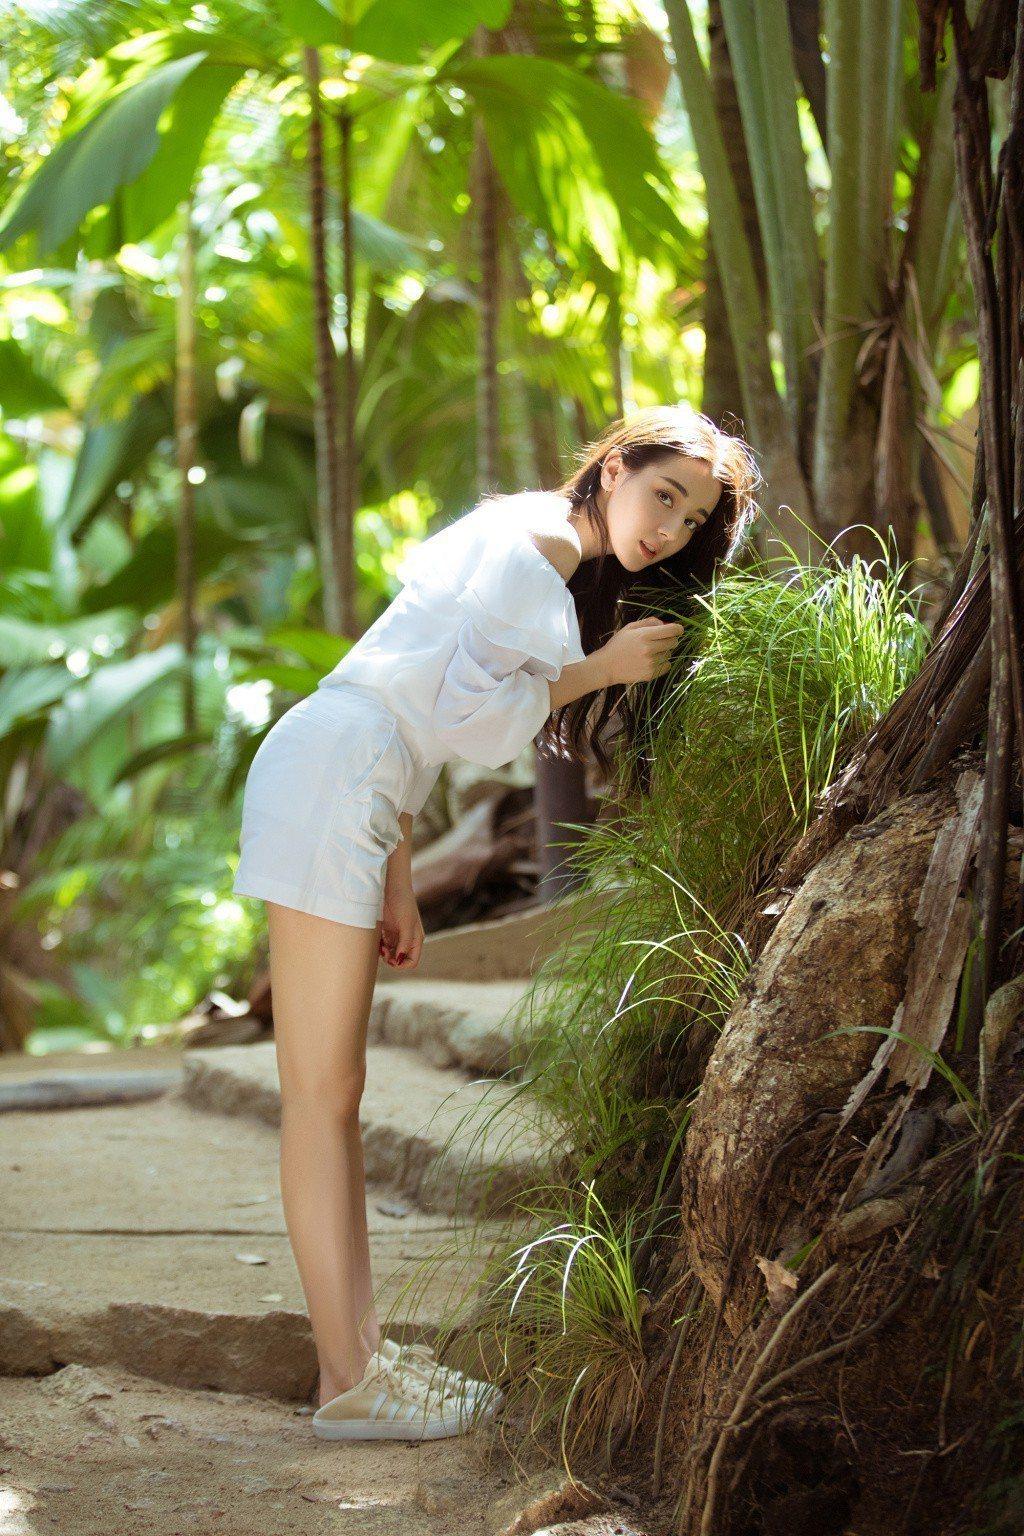 迪麗熱巴漫步雨林,彎腰挺翹臀,腳上的懶人鞋引起網友注意。圖/摘自微博